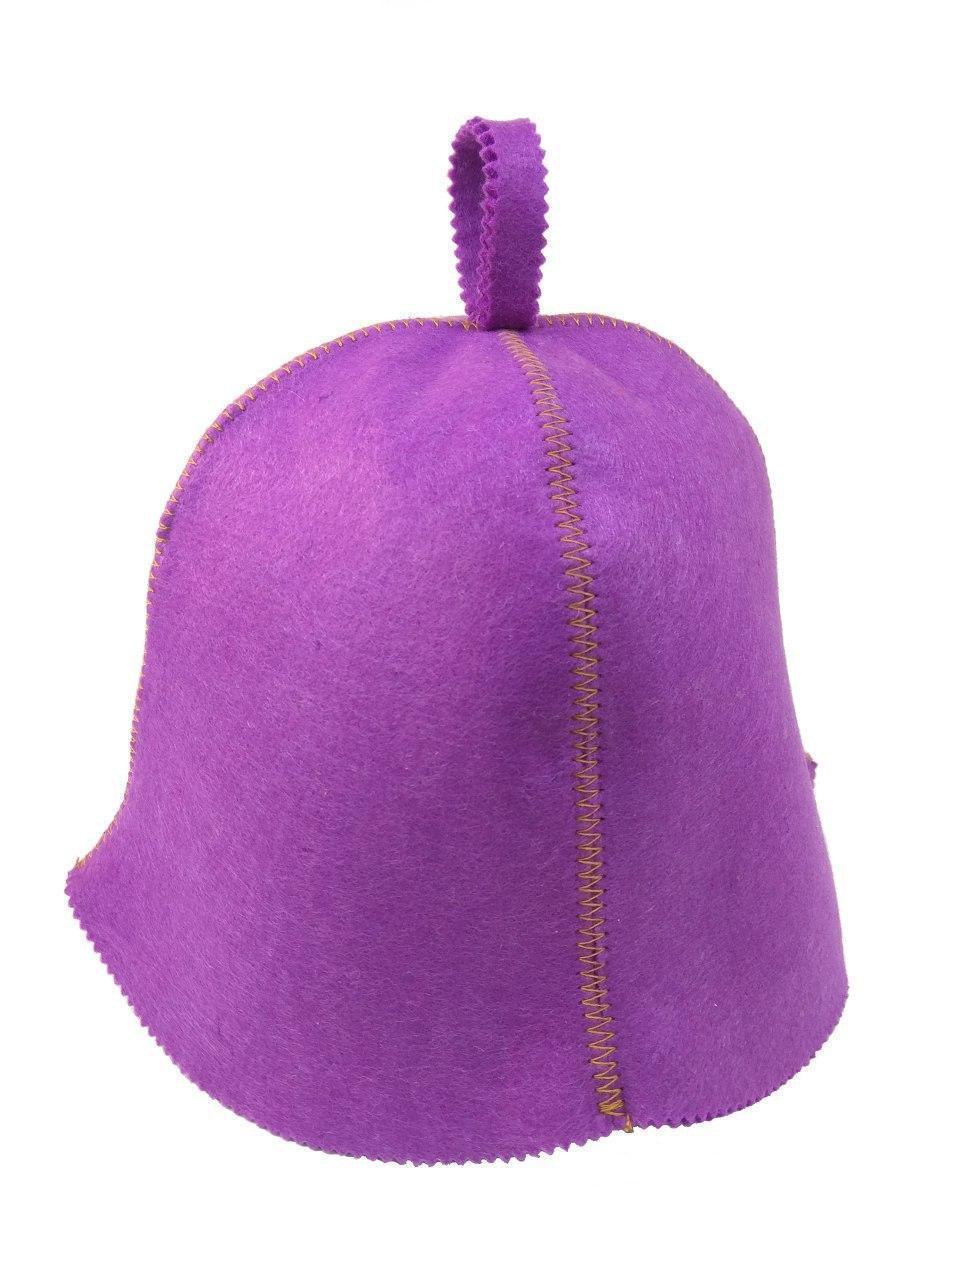 Банная шапка Luxyart искусственный фетр фиолетовый (LС-411)